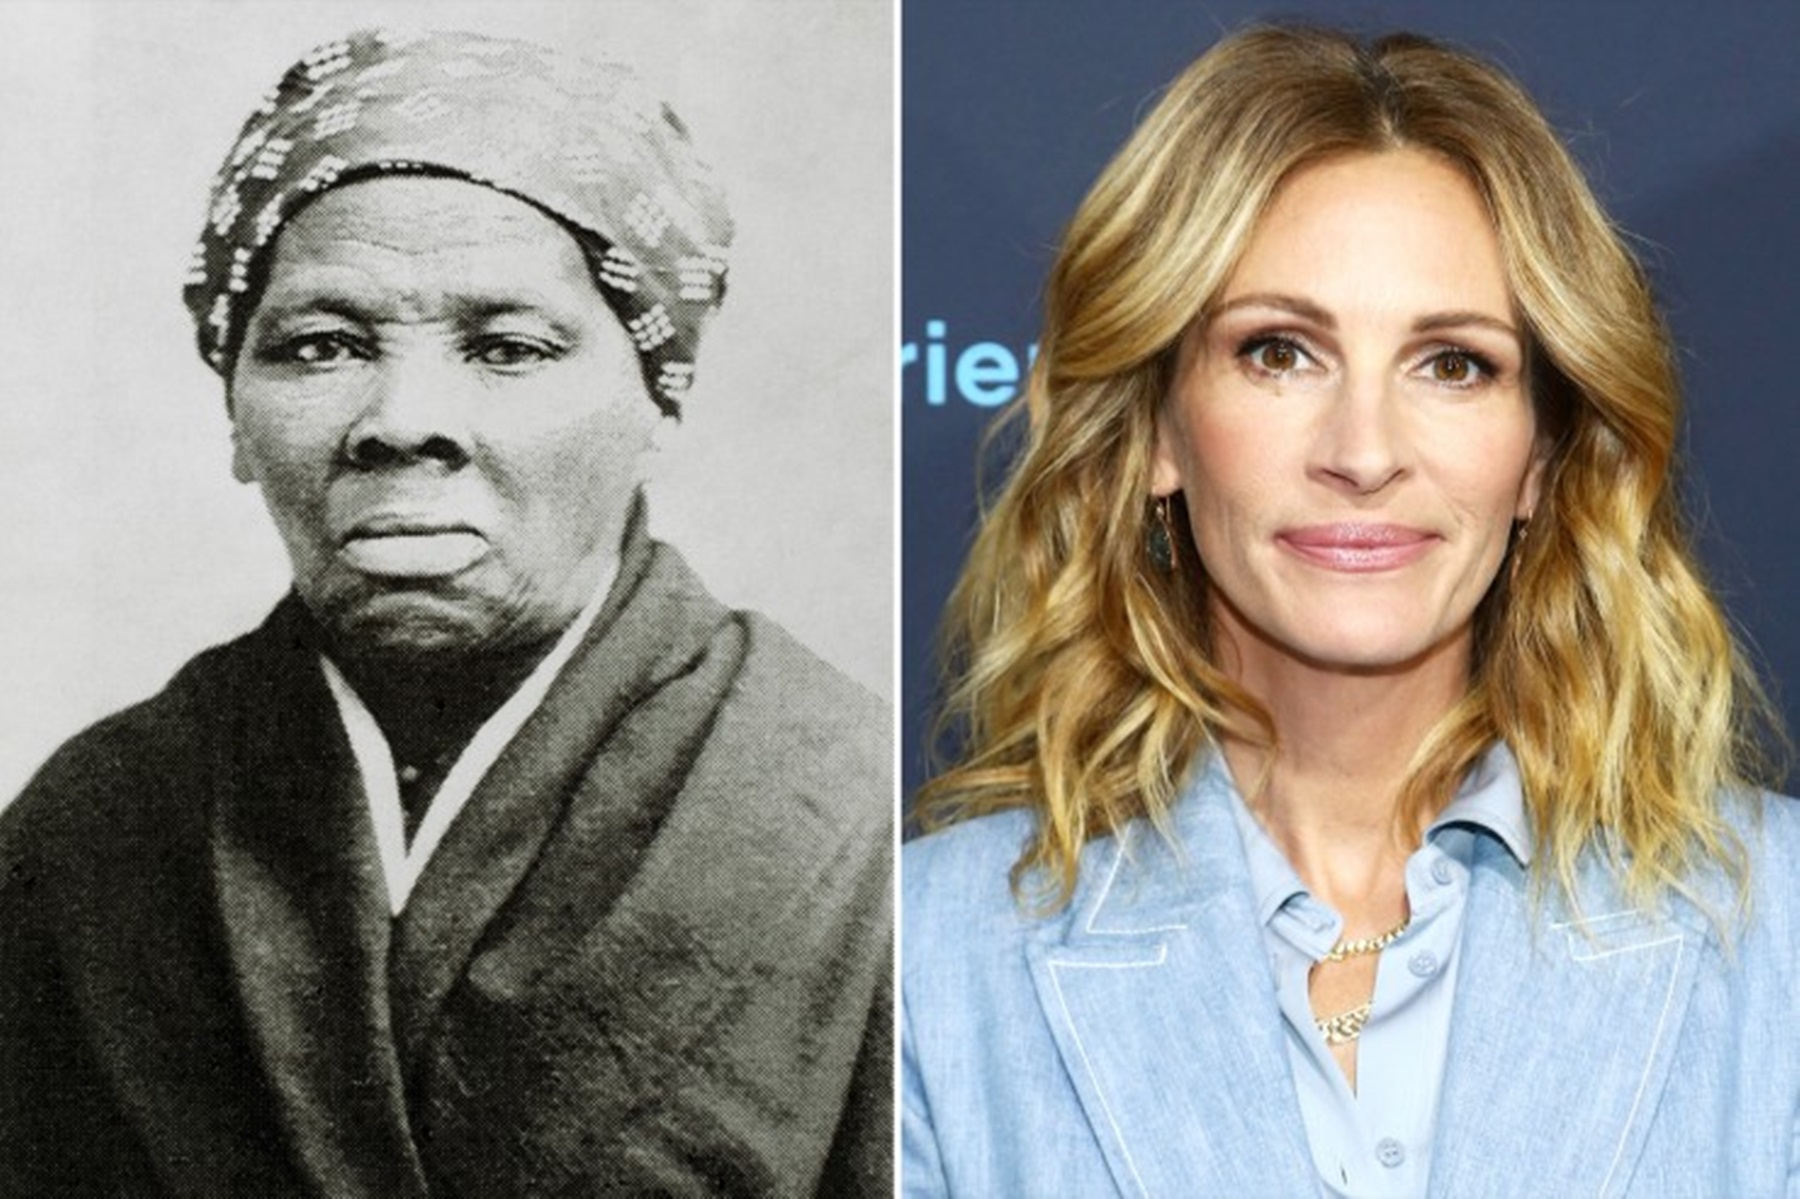 Harriet Tubman Julia Roberts Film